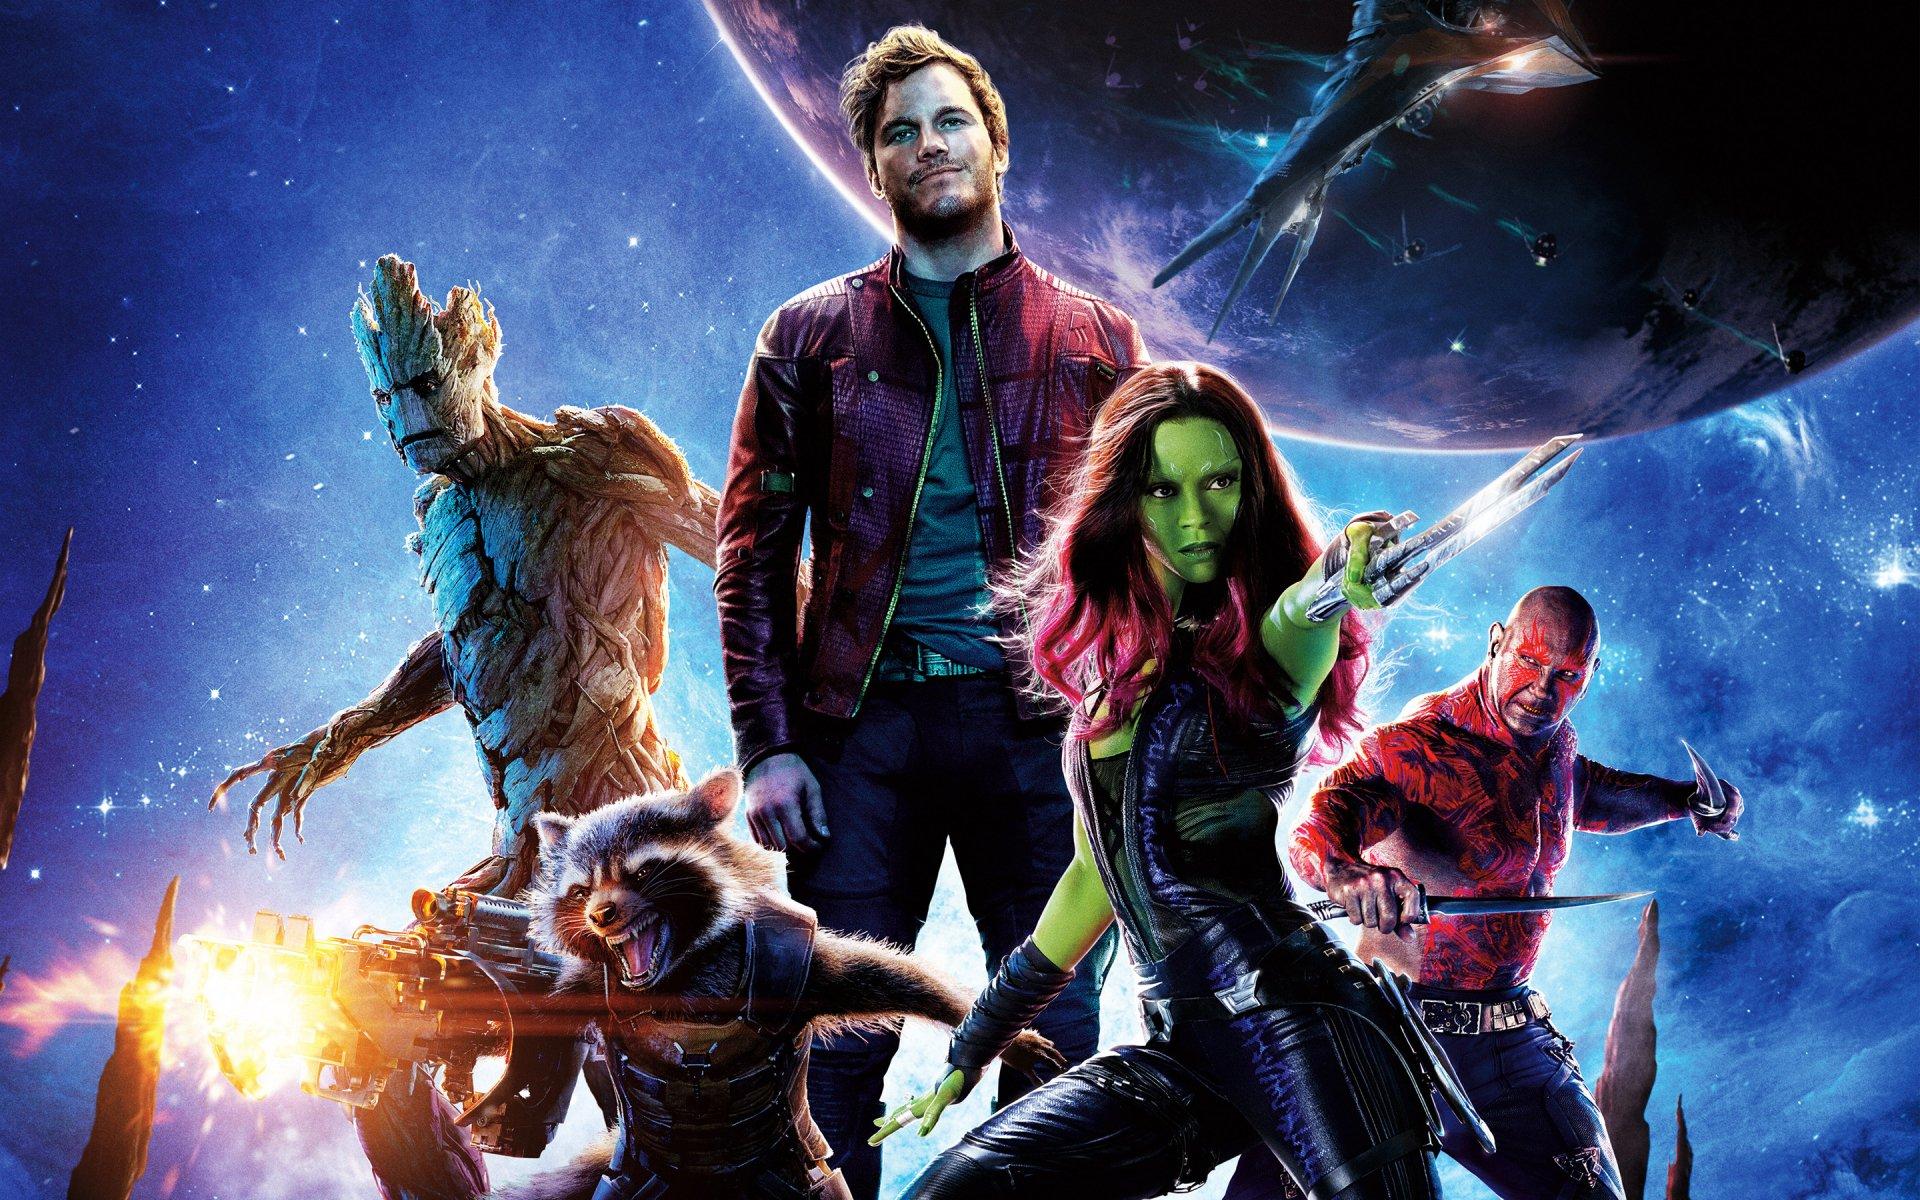 Film - Galaksinin Koruyucuları  Rocket Raccoon Gamora Groot Dave Bautista Drax The Destroyer Chris Pratt Zoe Saldana Peter Quill Duvarkağıdı